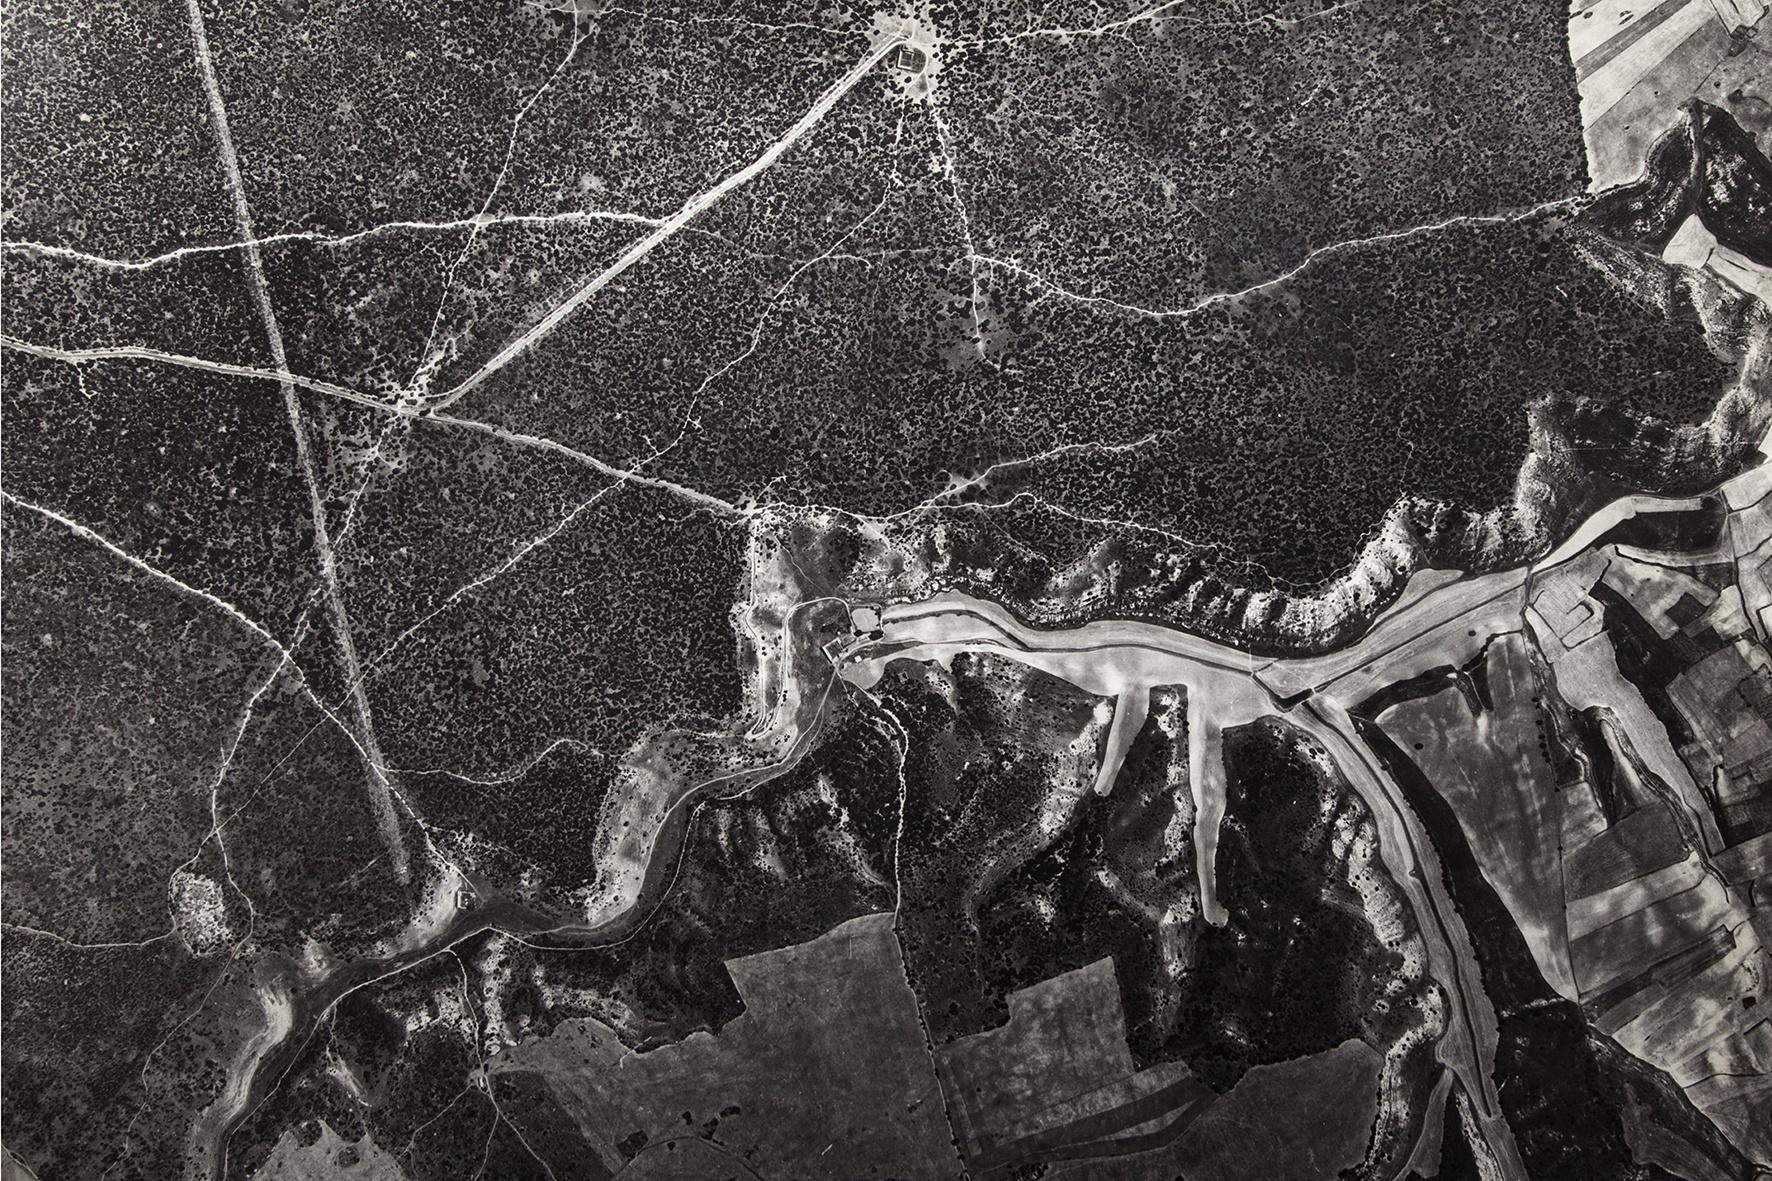 Caminos del Monte el Viejo, 1949 - Niebla (2018) - Ana Frechilla, proyecto fotográfico